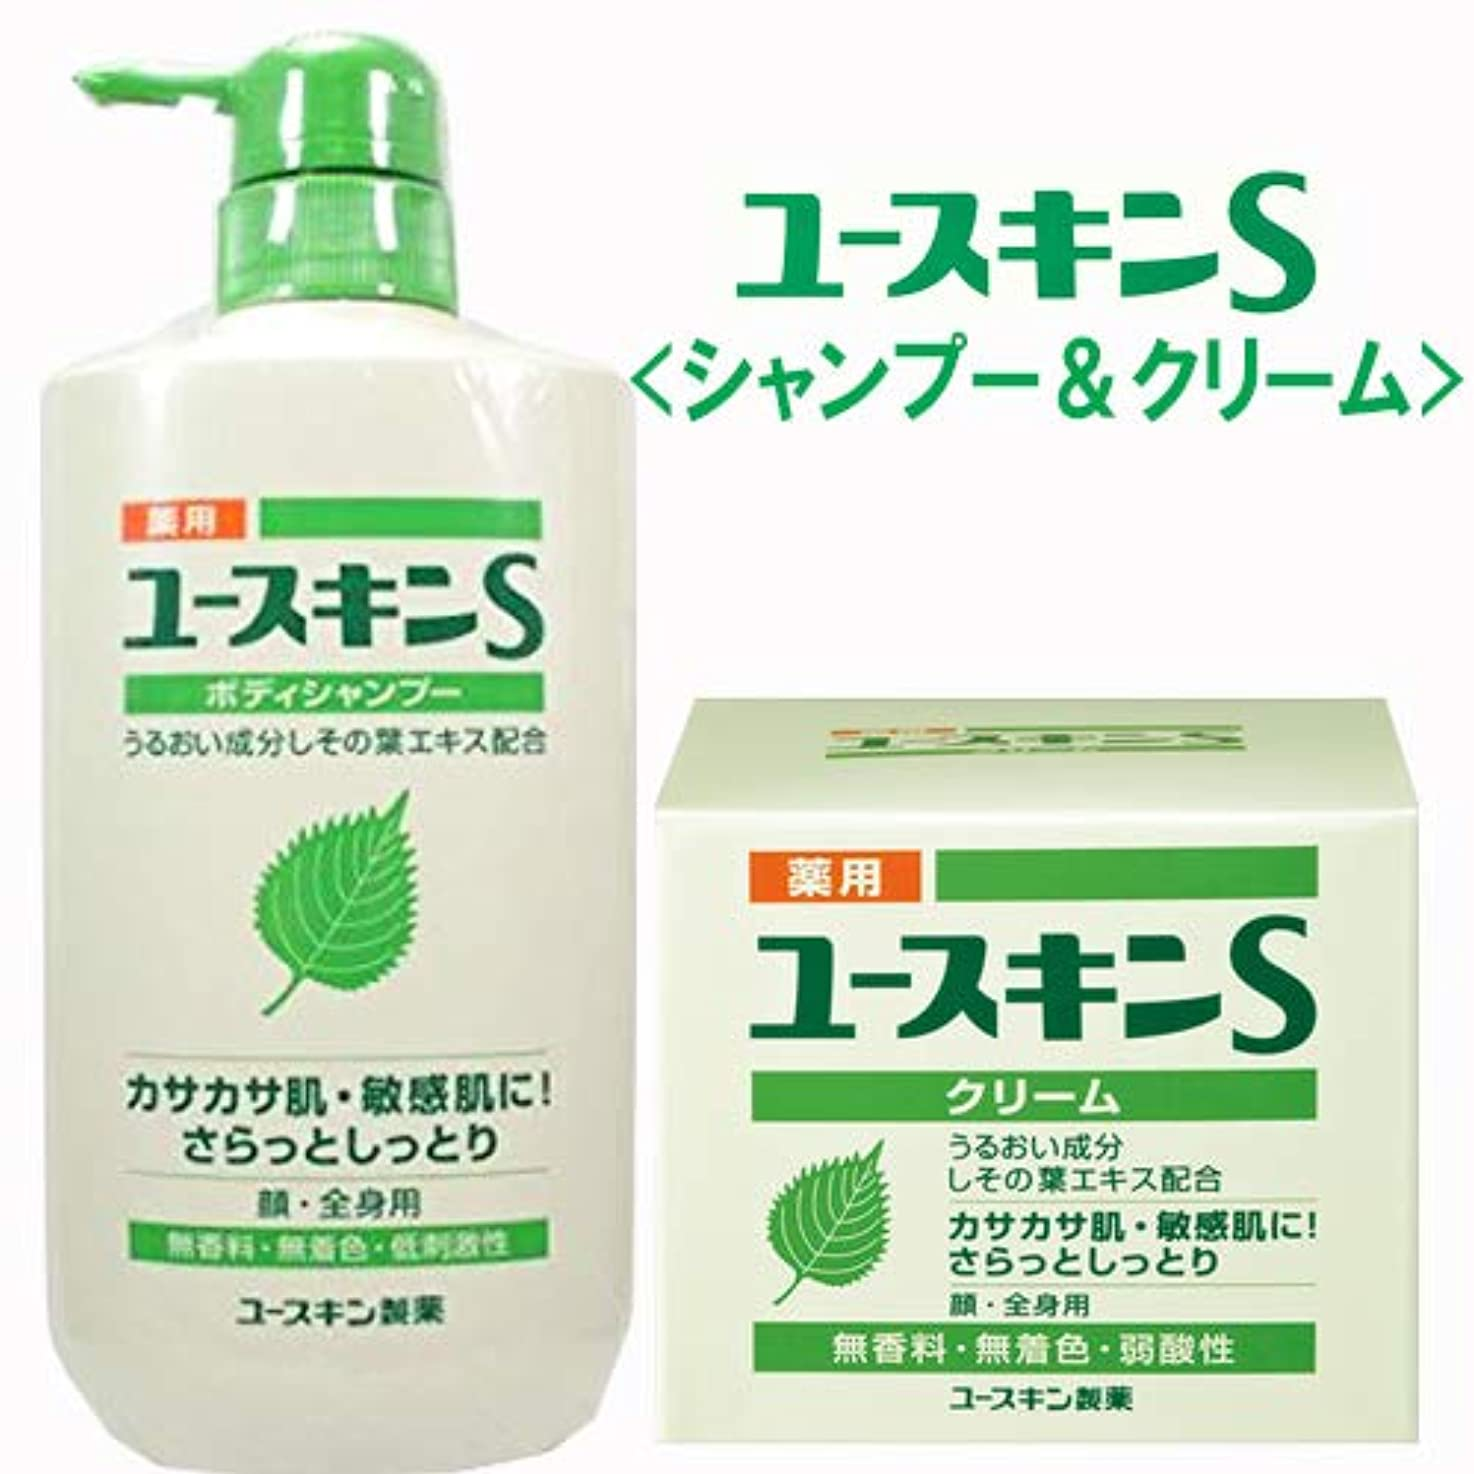 【セット】薬用ユースキンS ボディシャンプー500ml+クリーム70gのセットです (4987353010510+4987353010213)